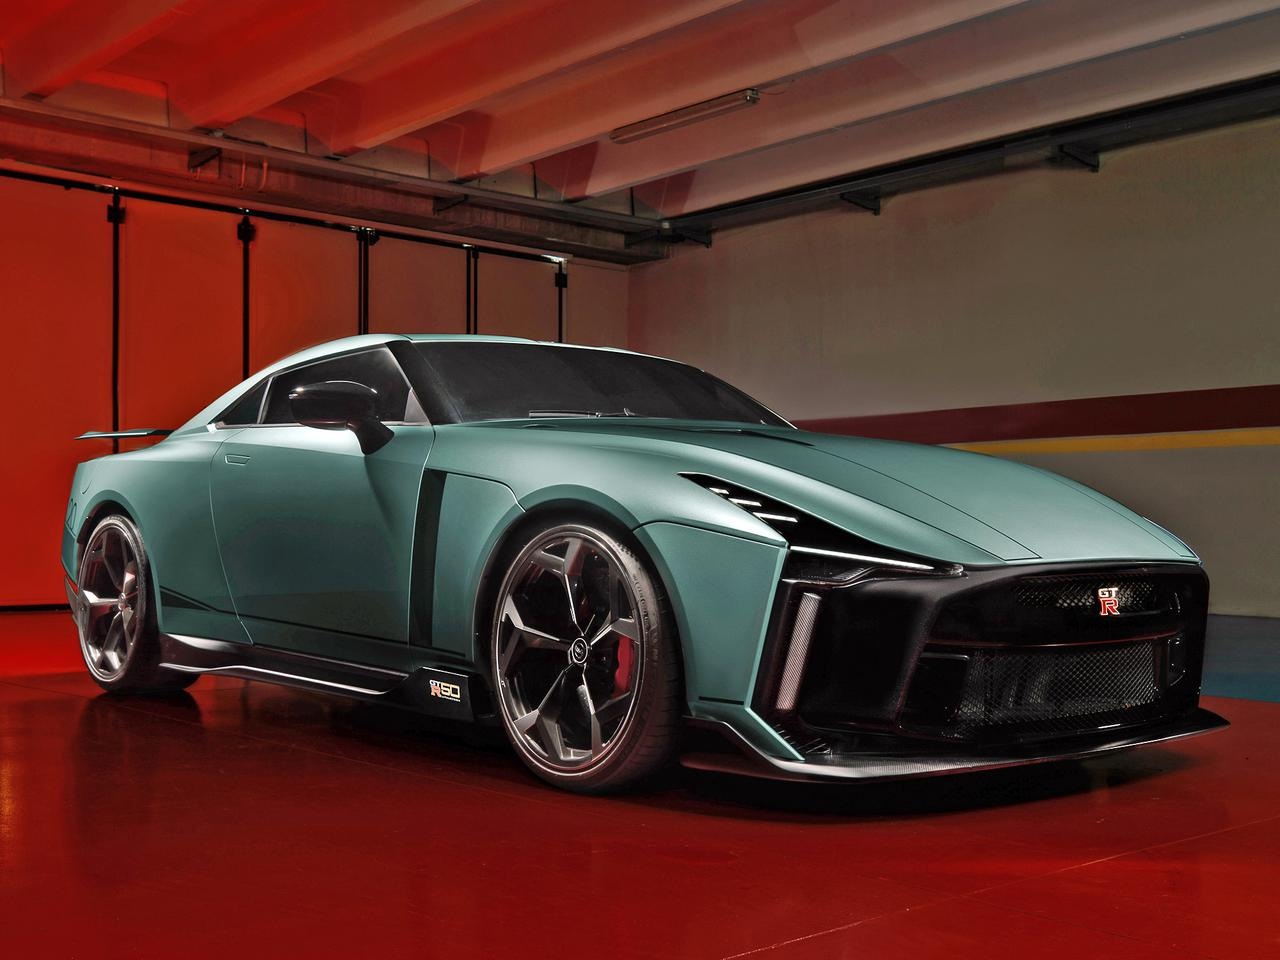 世界限定50台のスーパーGT-R「日産 GT-R50 by イタルデザイン」がいよいよ生産を開始!